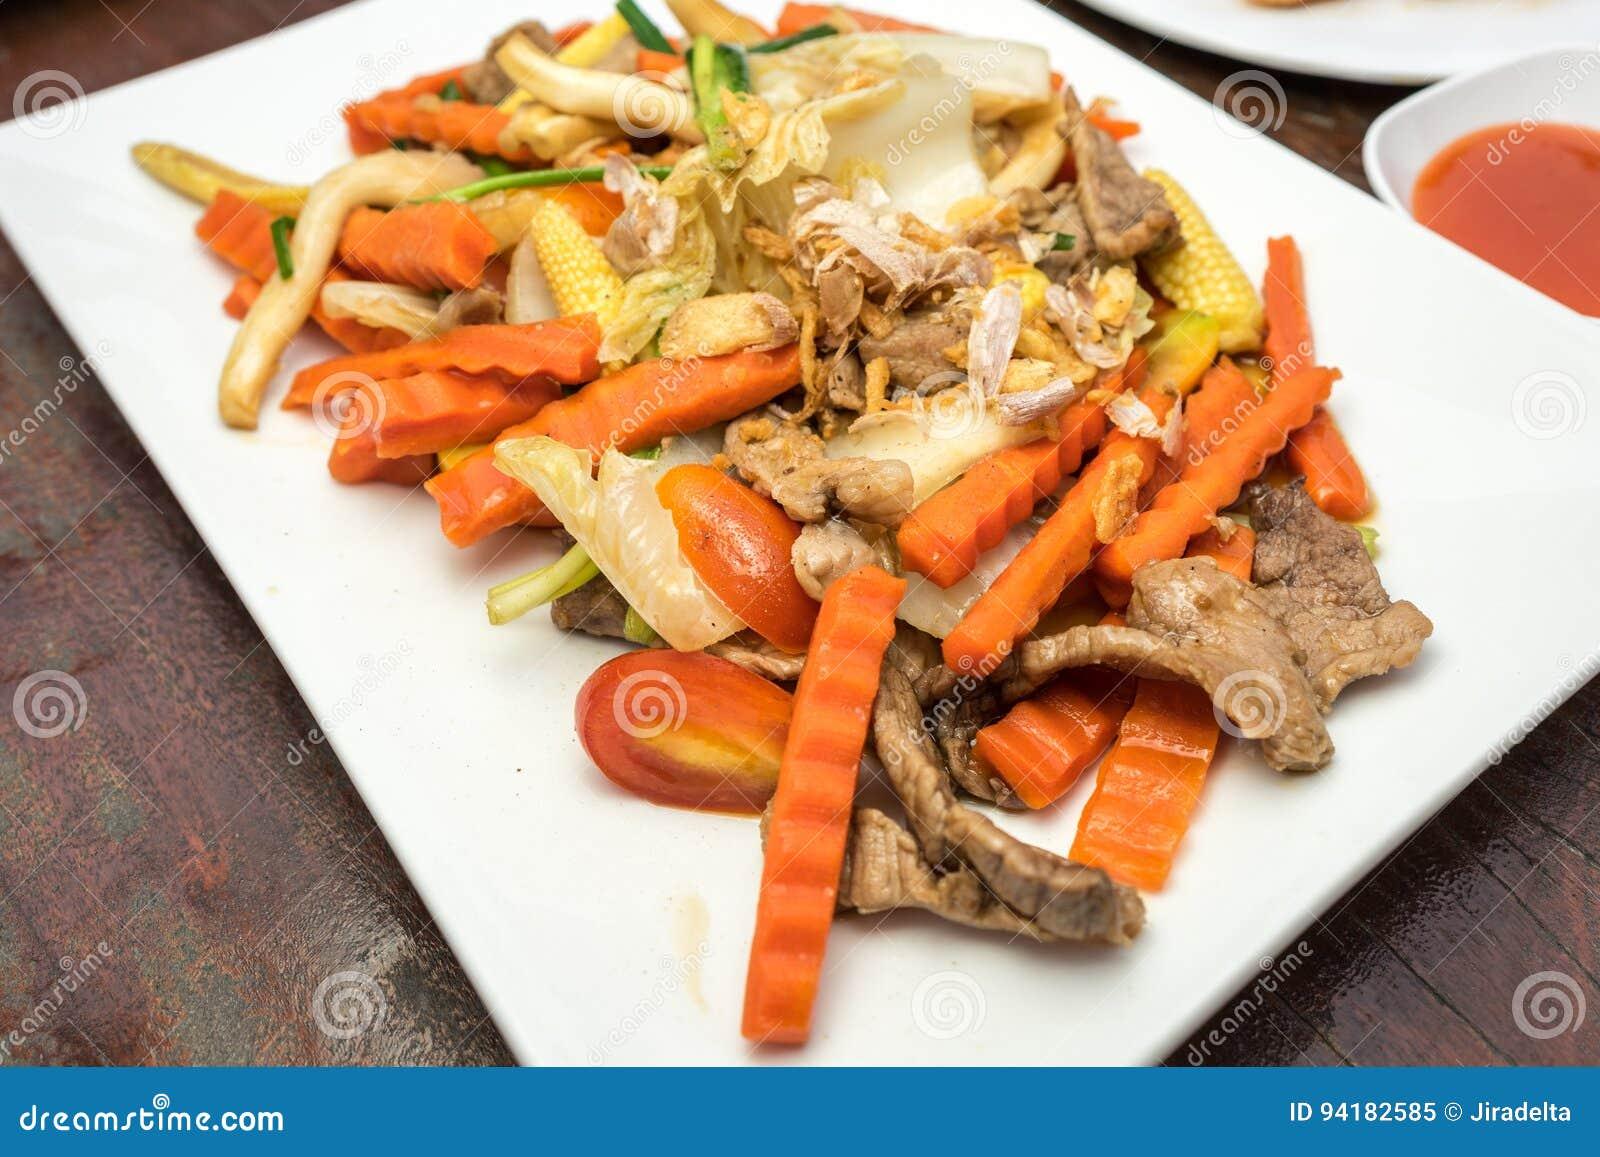 Carne de porco fritada com cenoura